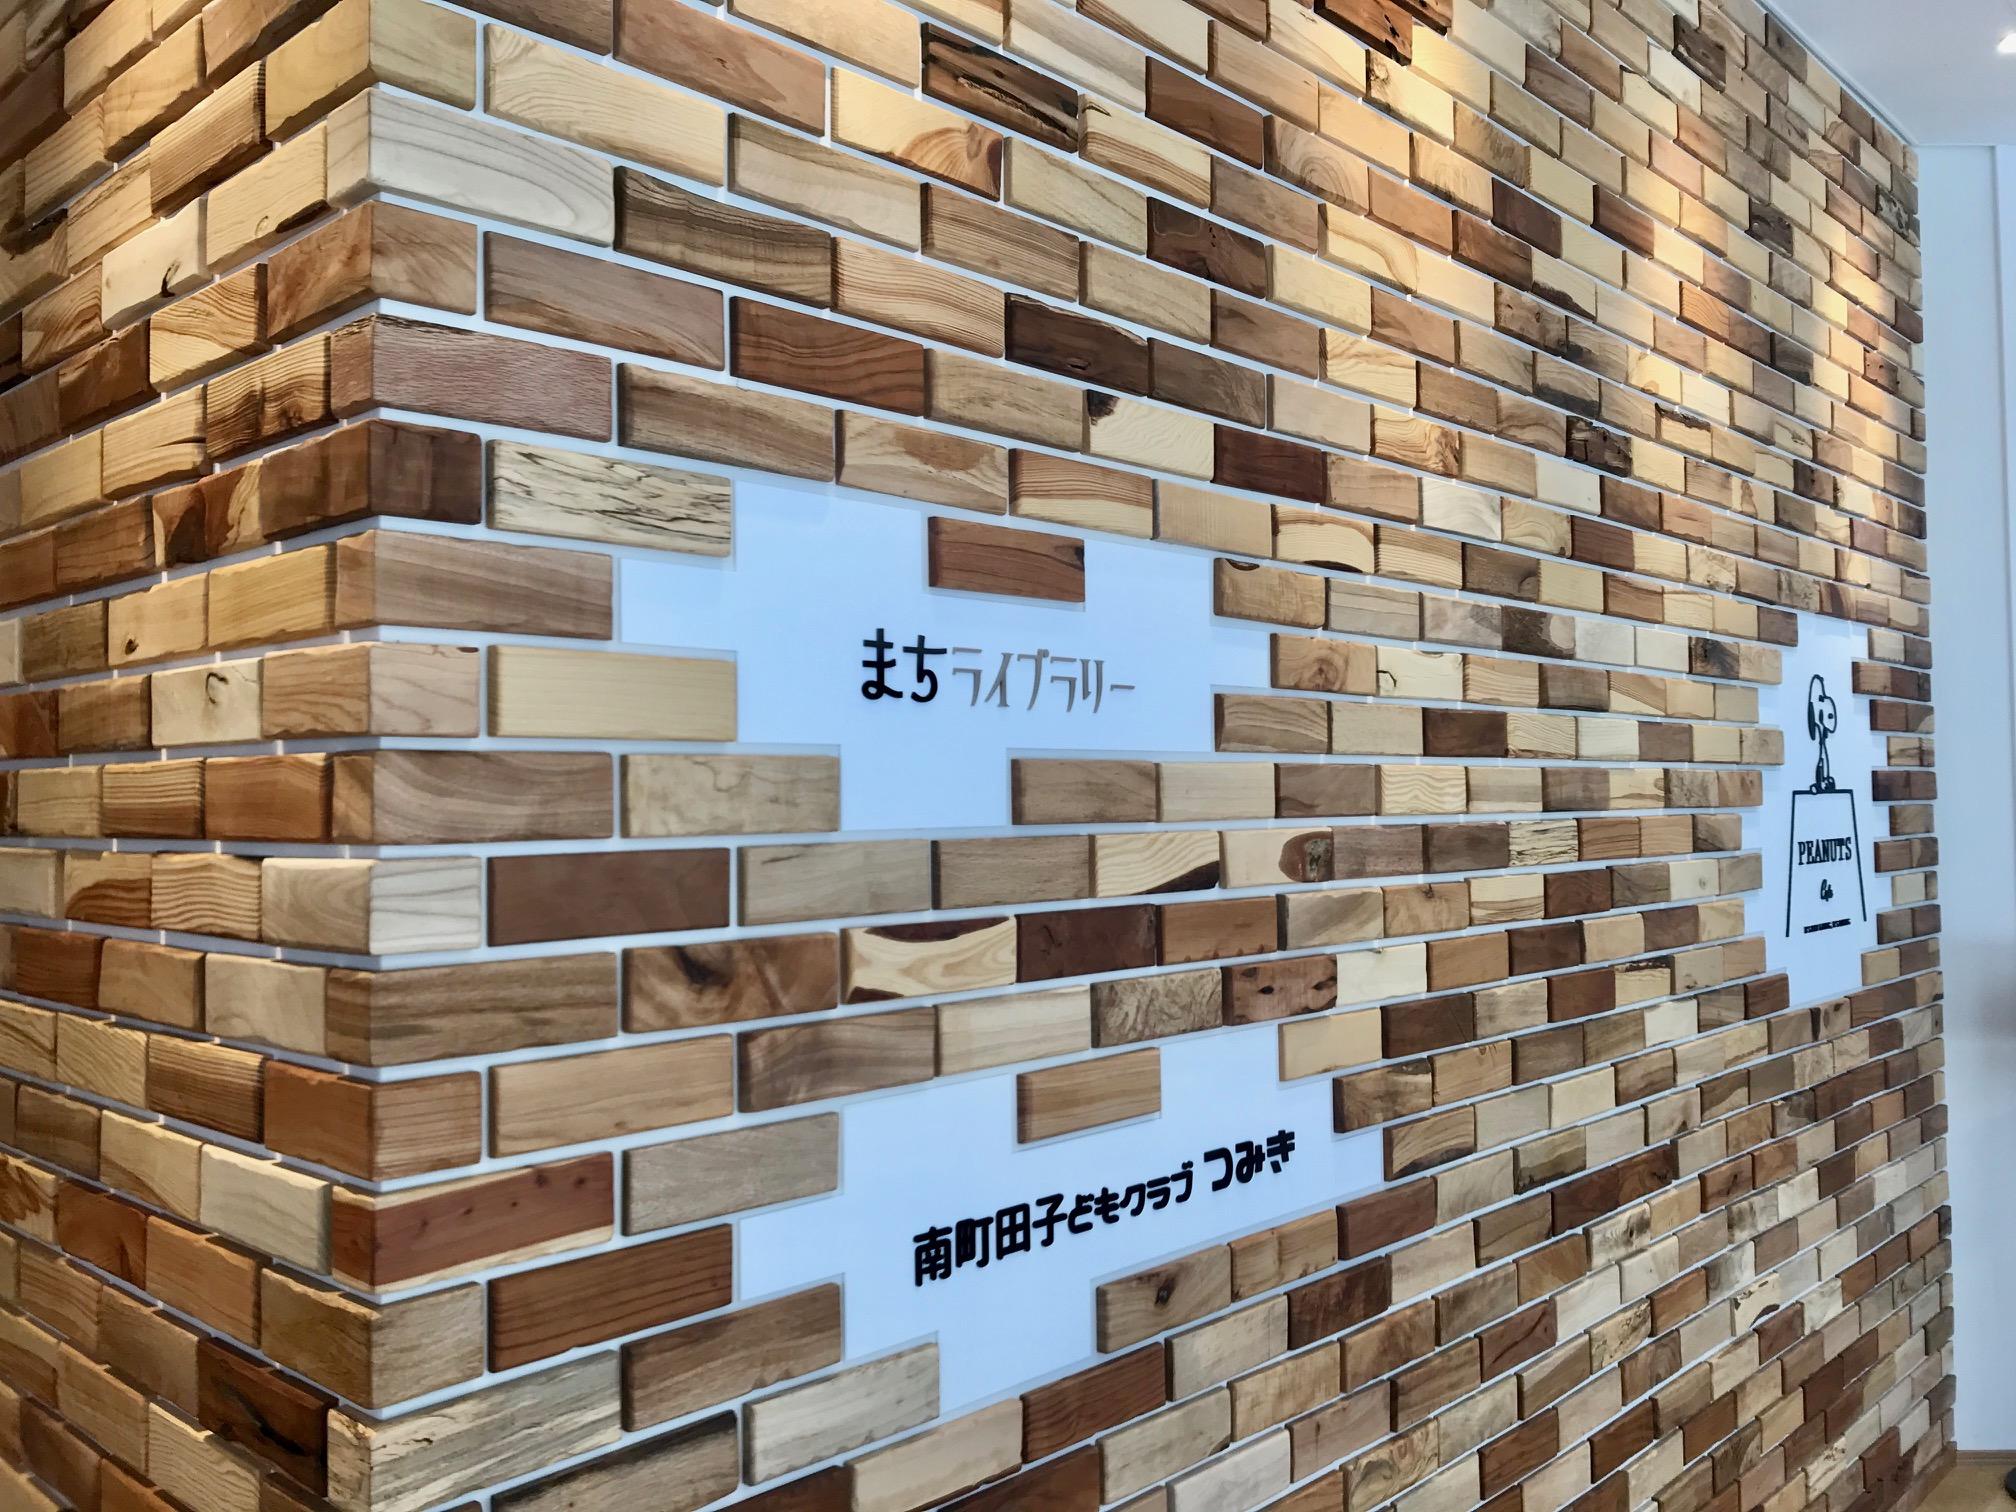 地元の皆さんがワークショップで加工したウッドブロックを飾り付けた、パークライフ・サイトの建物入口の壁面